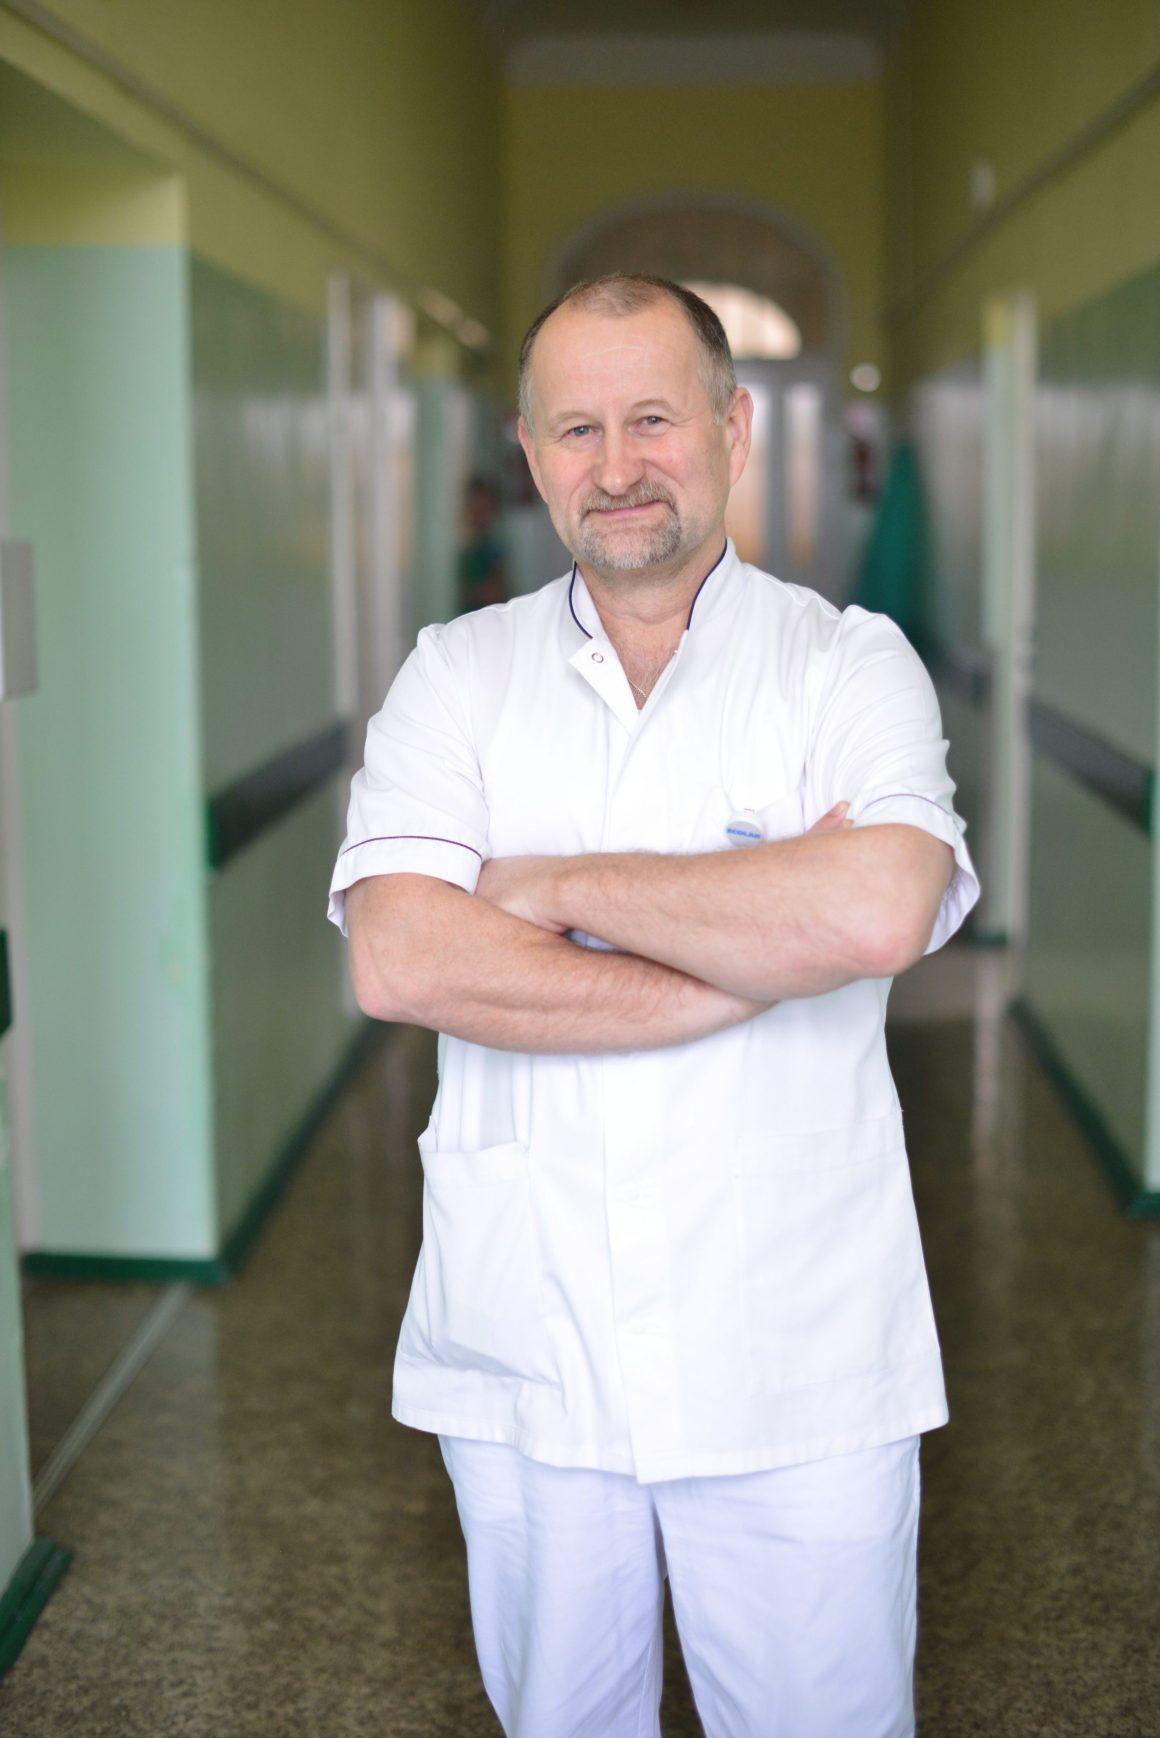 Stanisław Goliński Pielęgniarz Koordynujący Bloku Operacyjnego